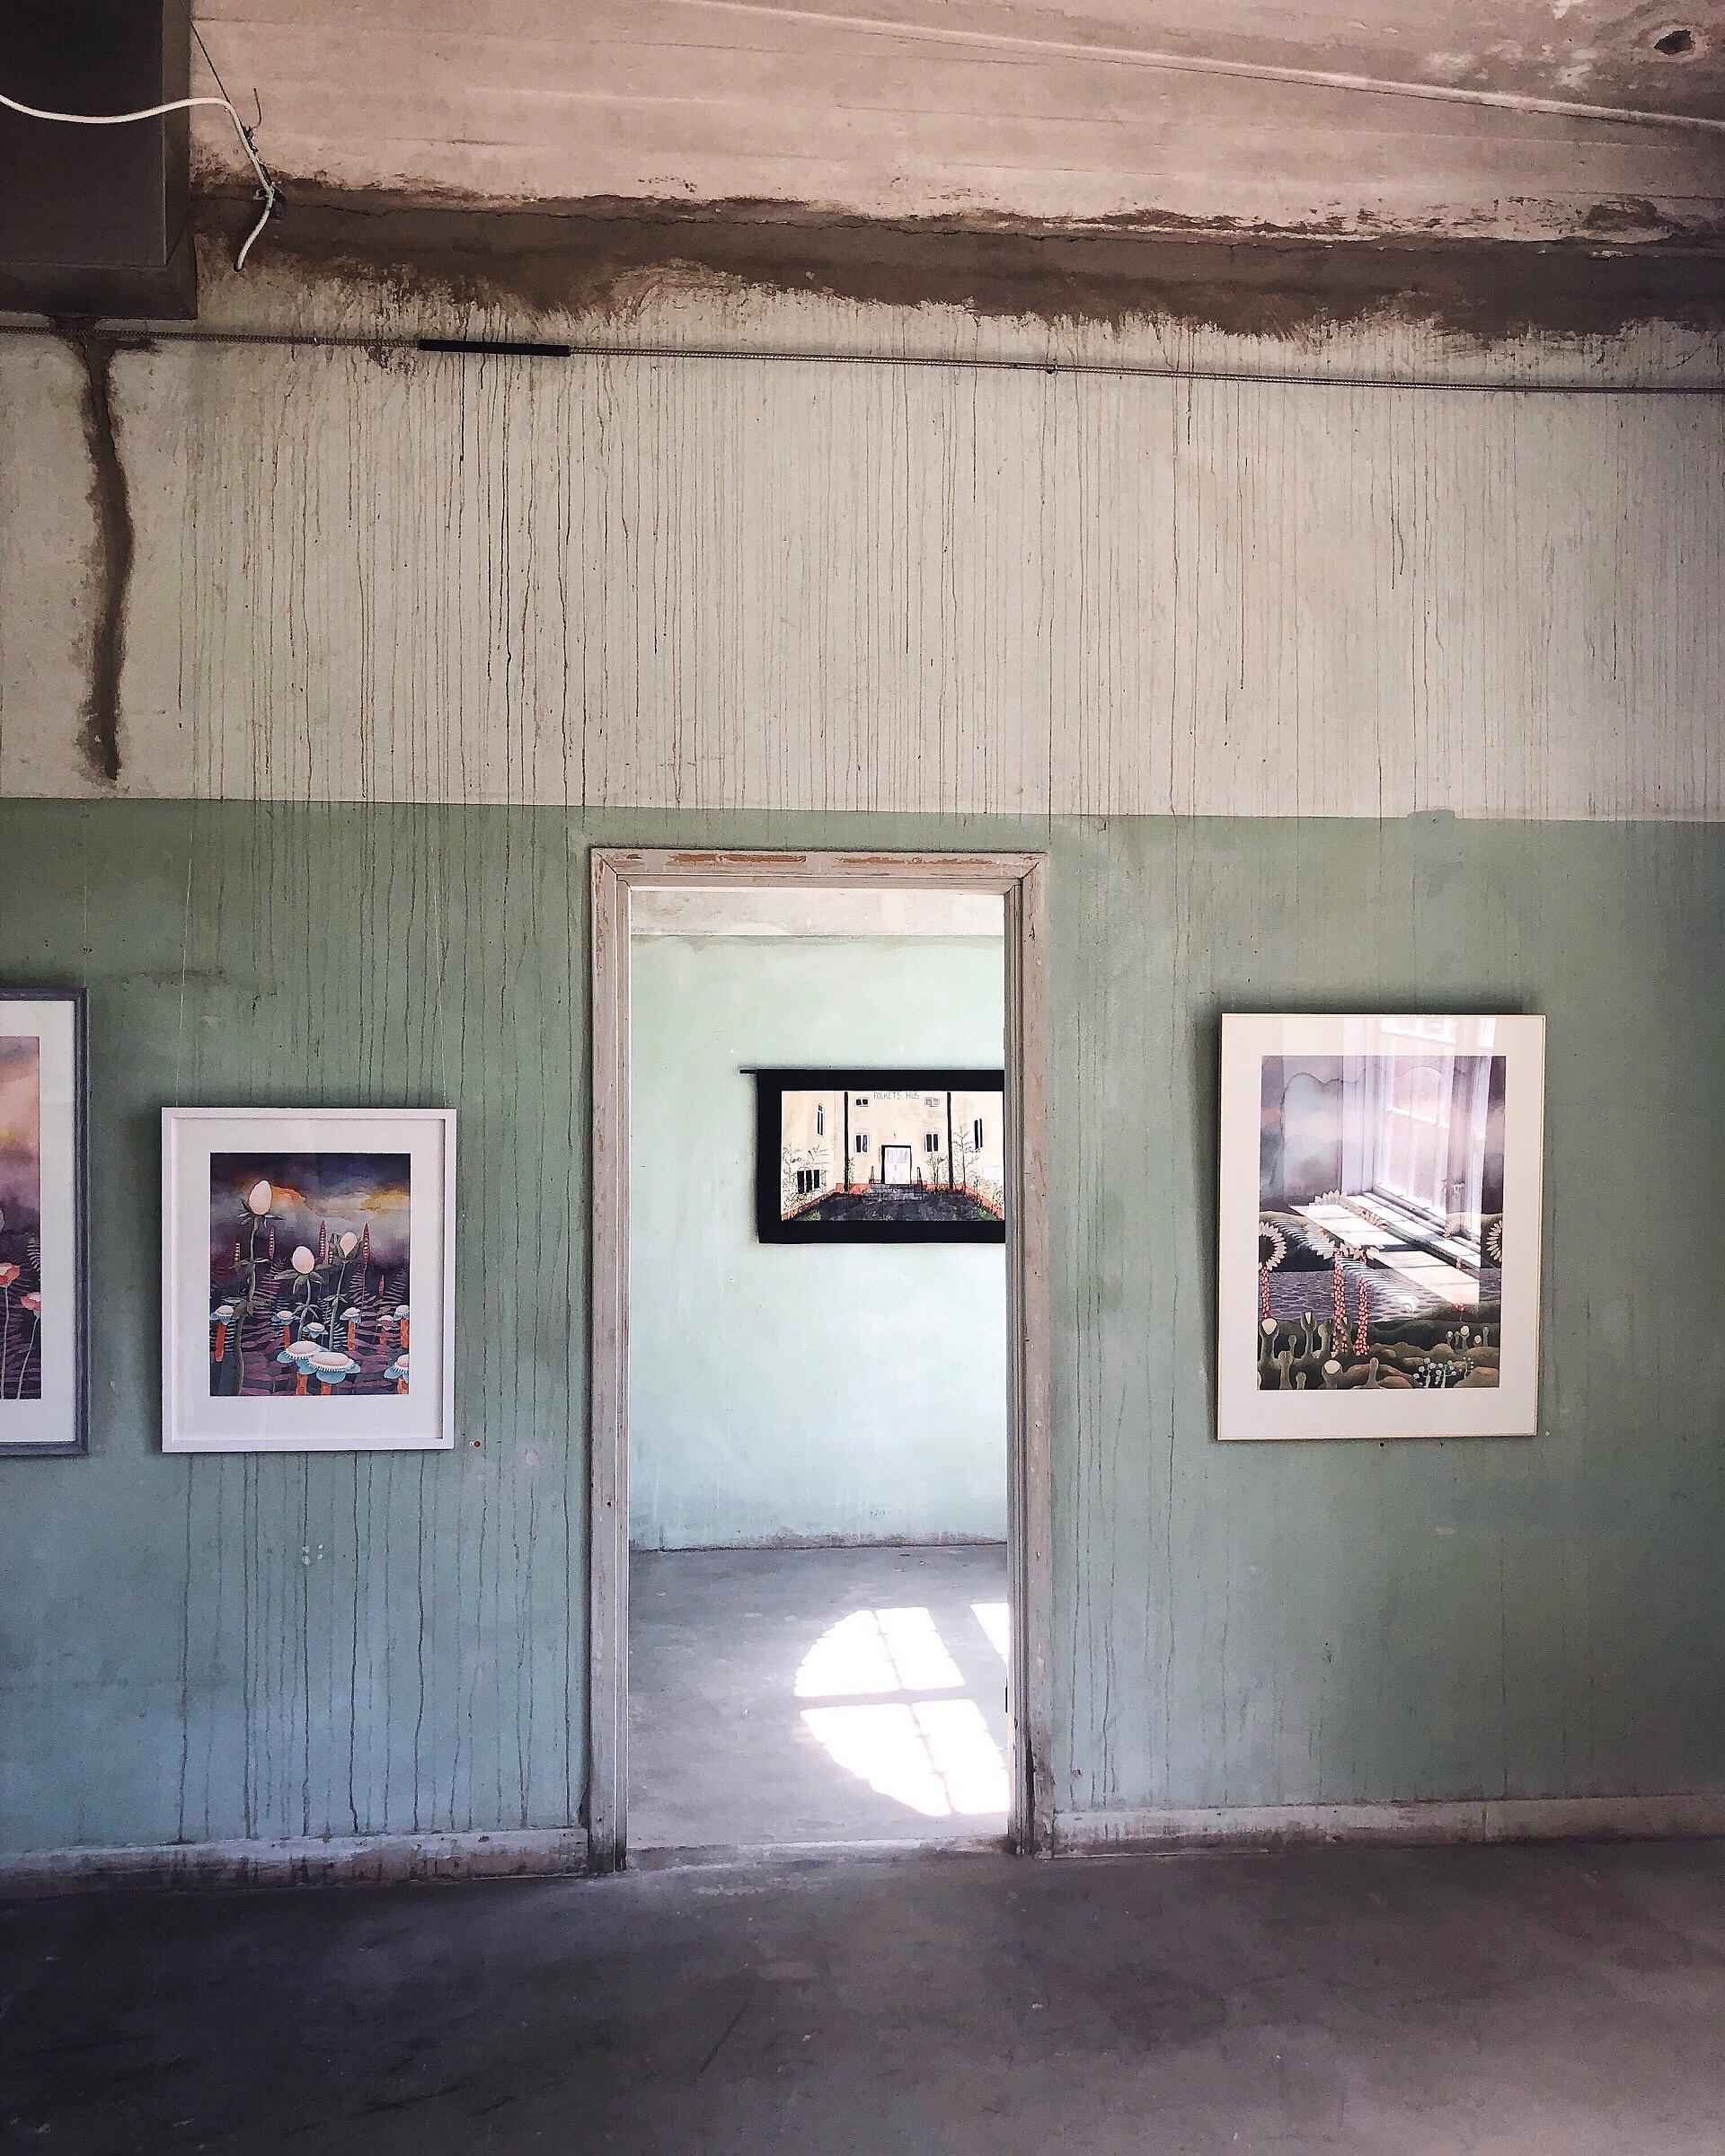 Sightseeing i Bergslagen